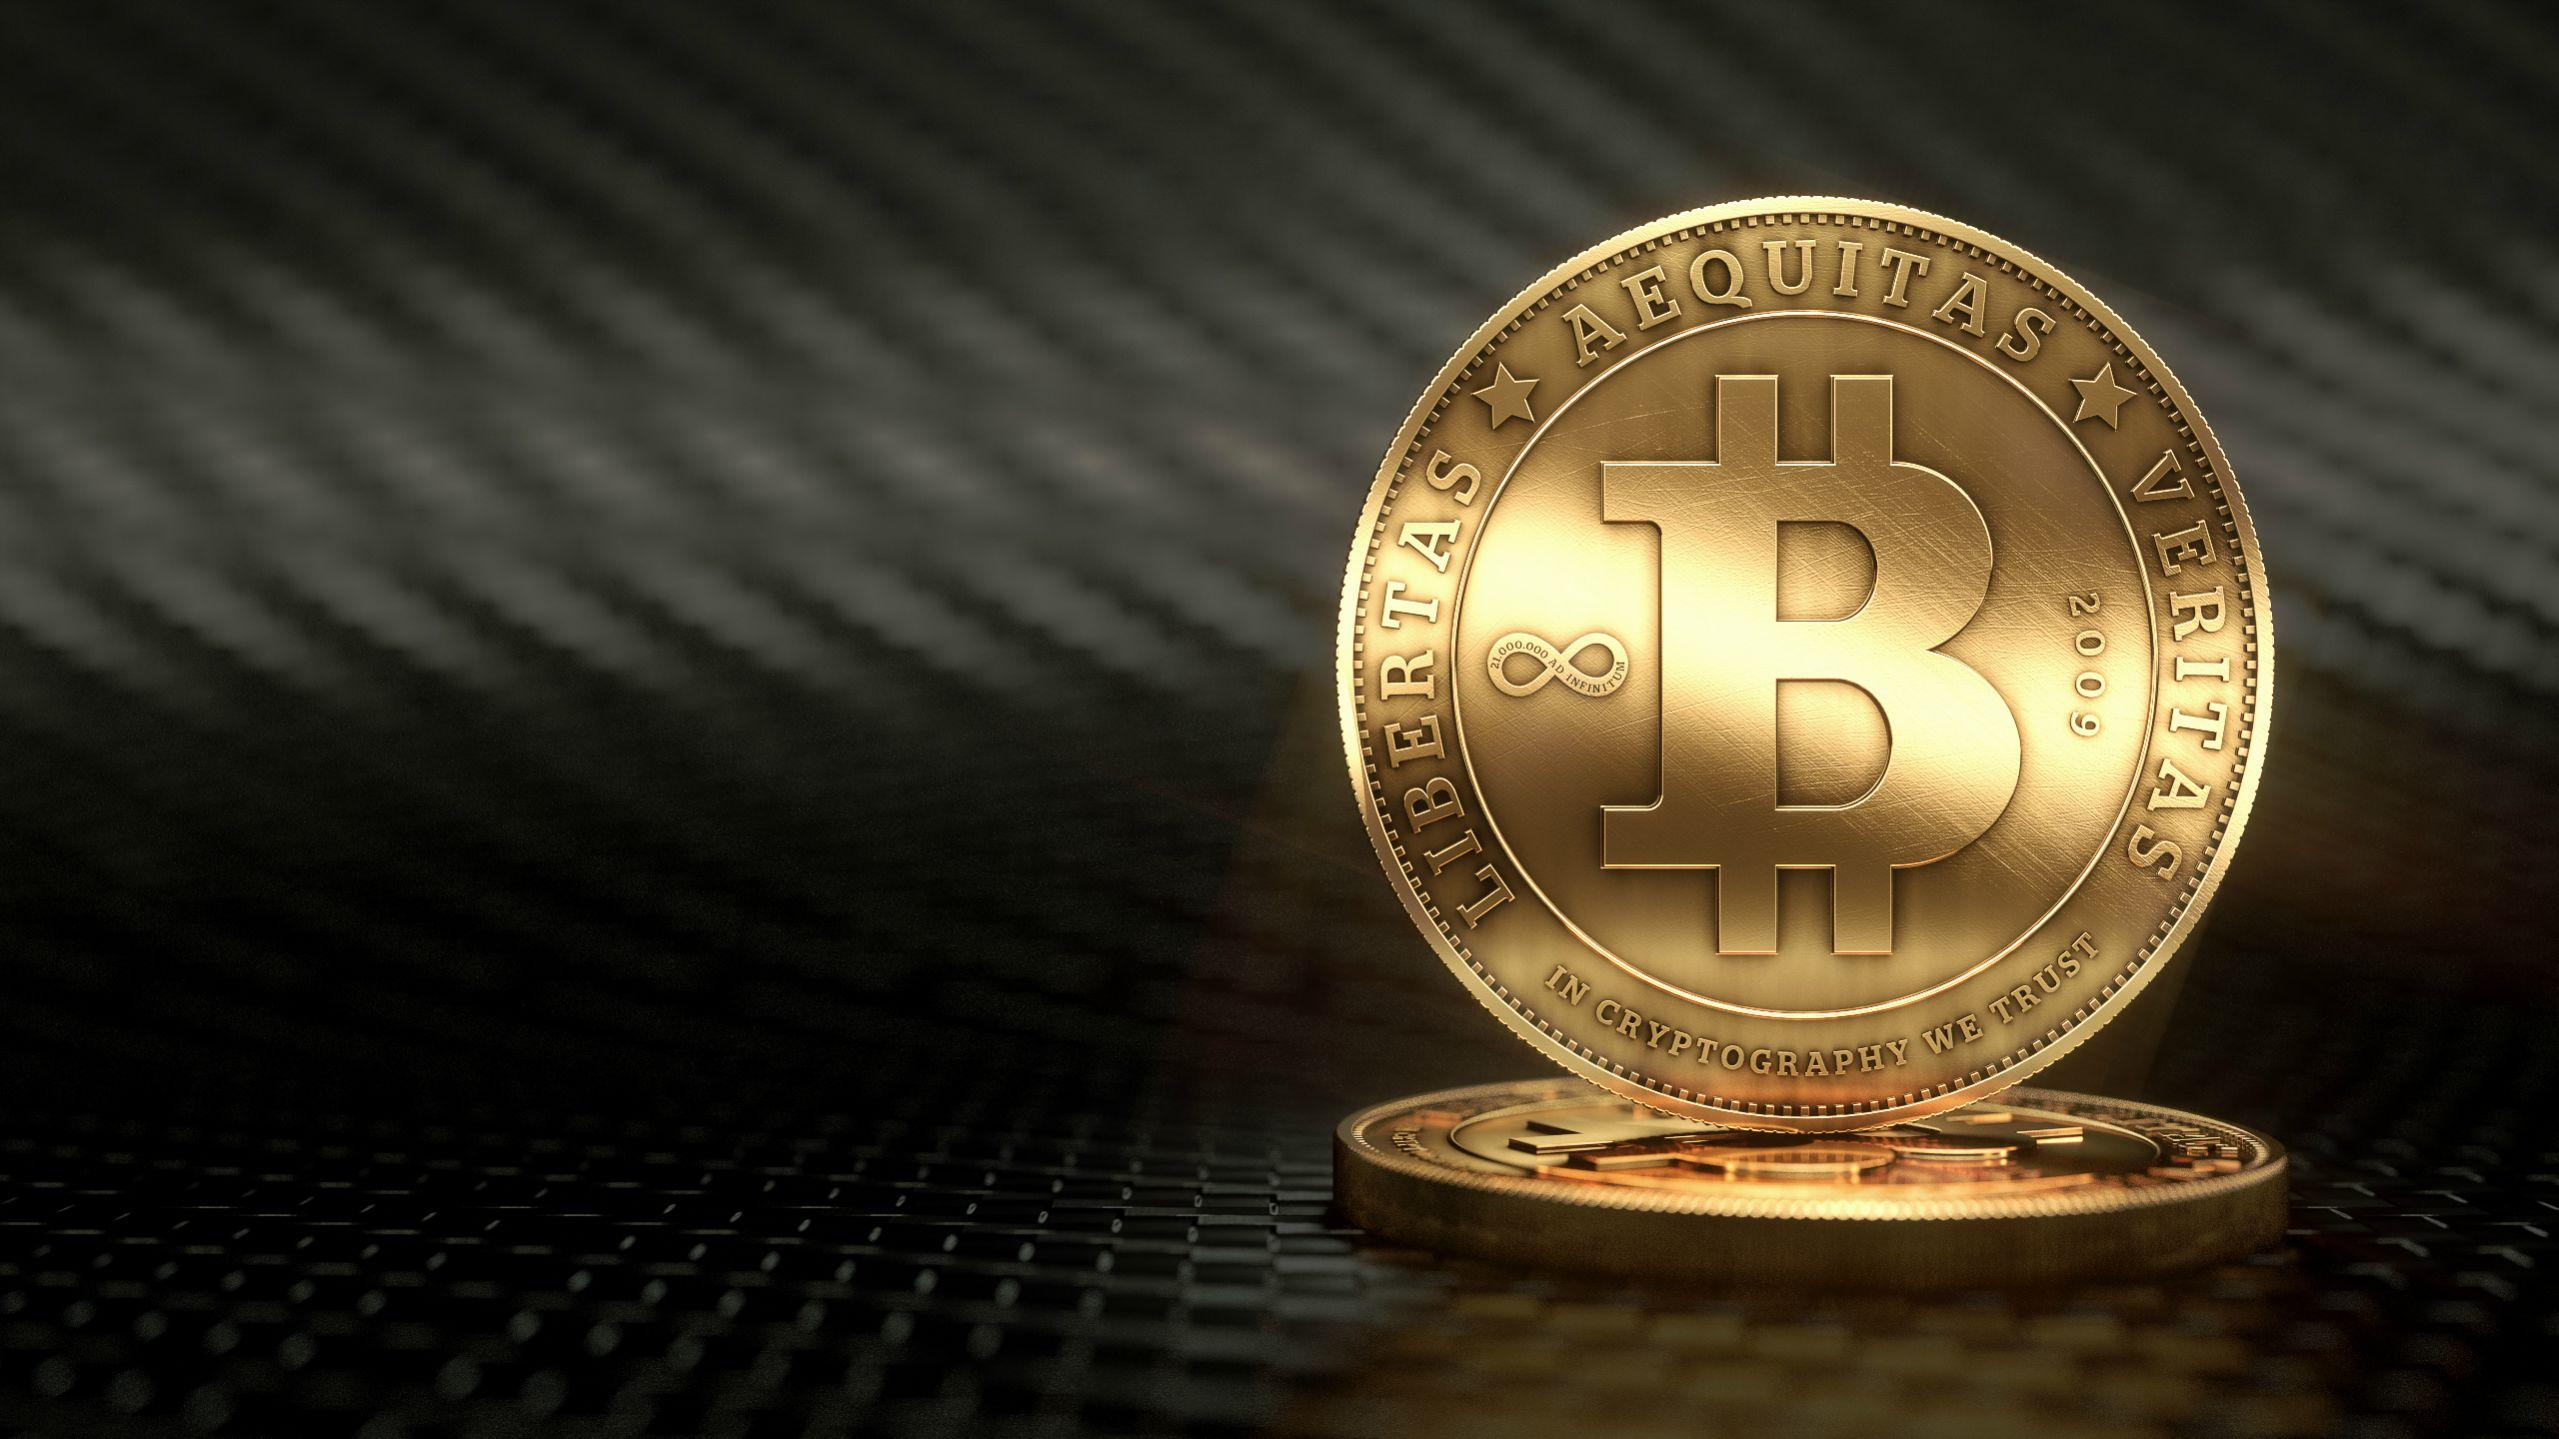 vislabākā kriptogrāfijas ieguve, kurā ieguldīt ir bitcoin saprātīgs ieguldījums